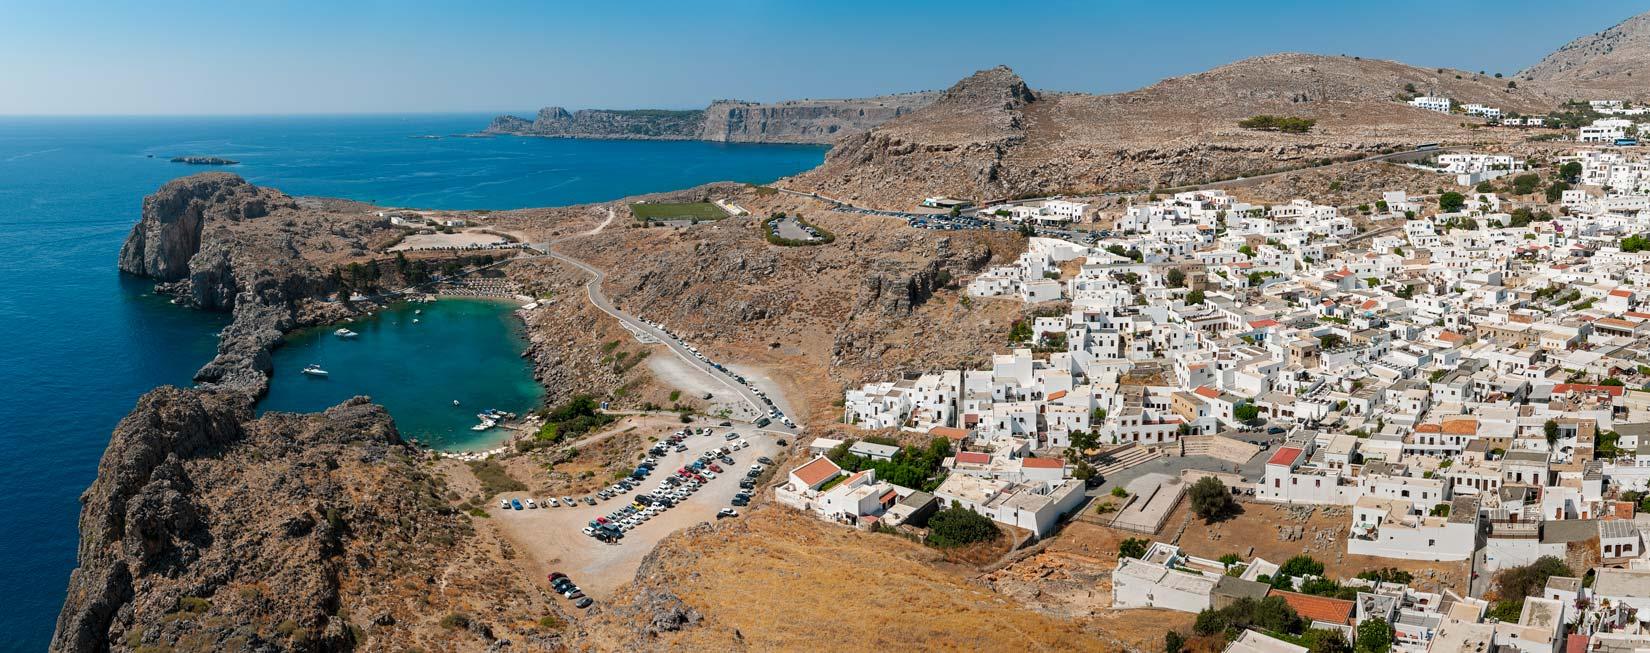 Městečko Lindos a Aghios Pavlos paralia jako na dlani z cimbiří Acropole Lindos - to si prostě nesmíte nechat ujít